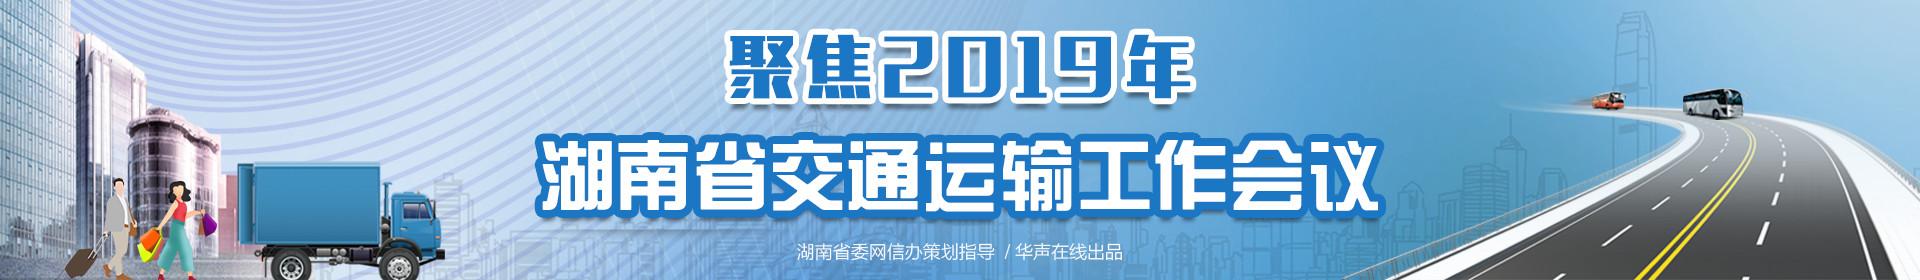 聚焦2019年湖南省交通运输工作会议